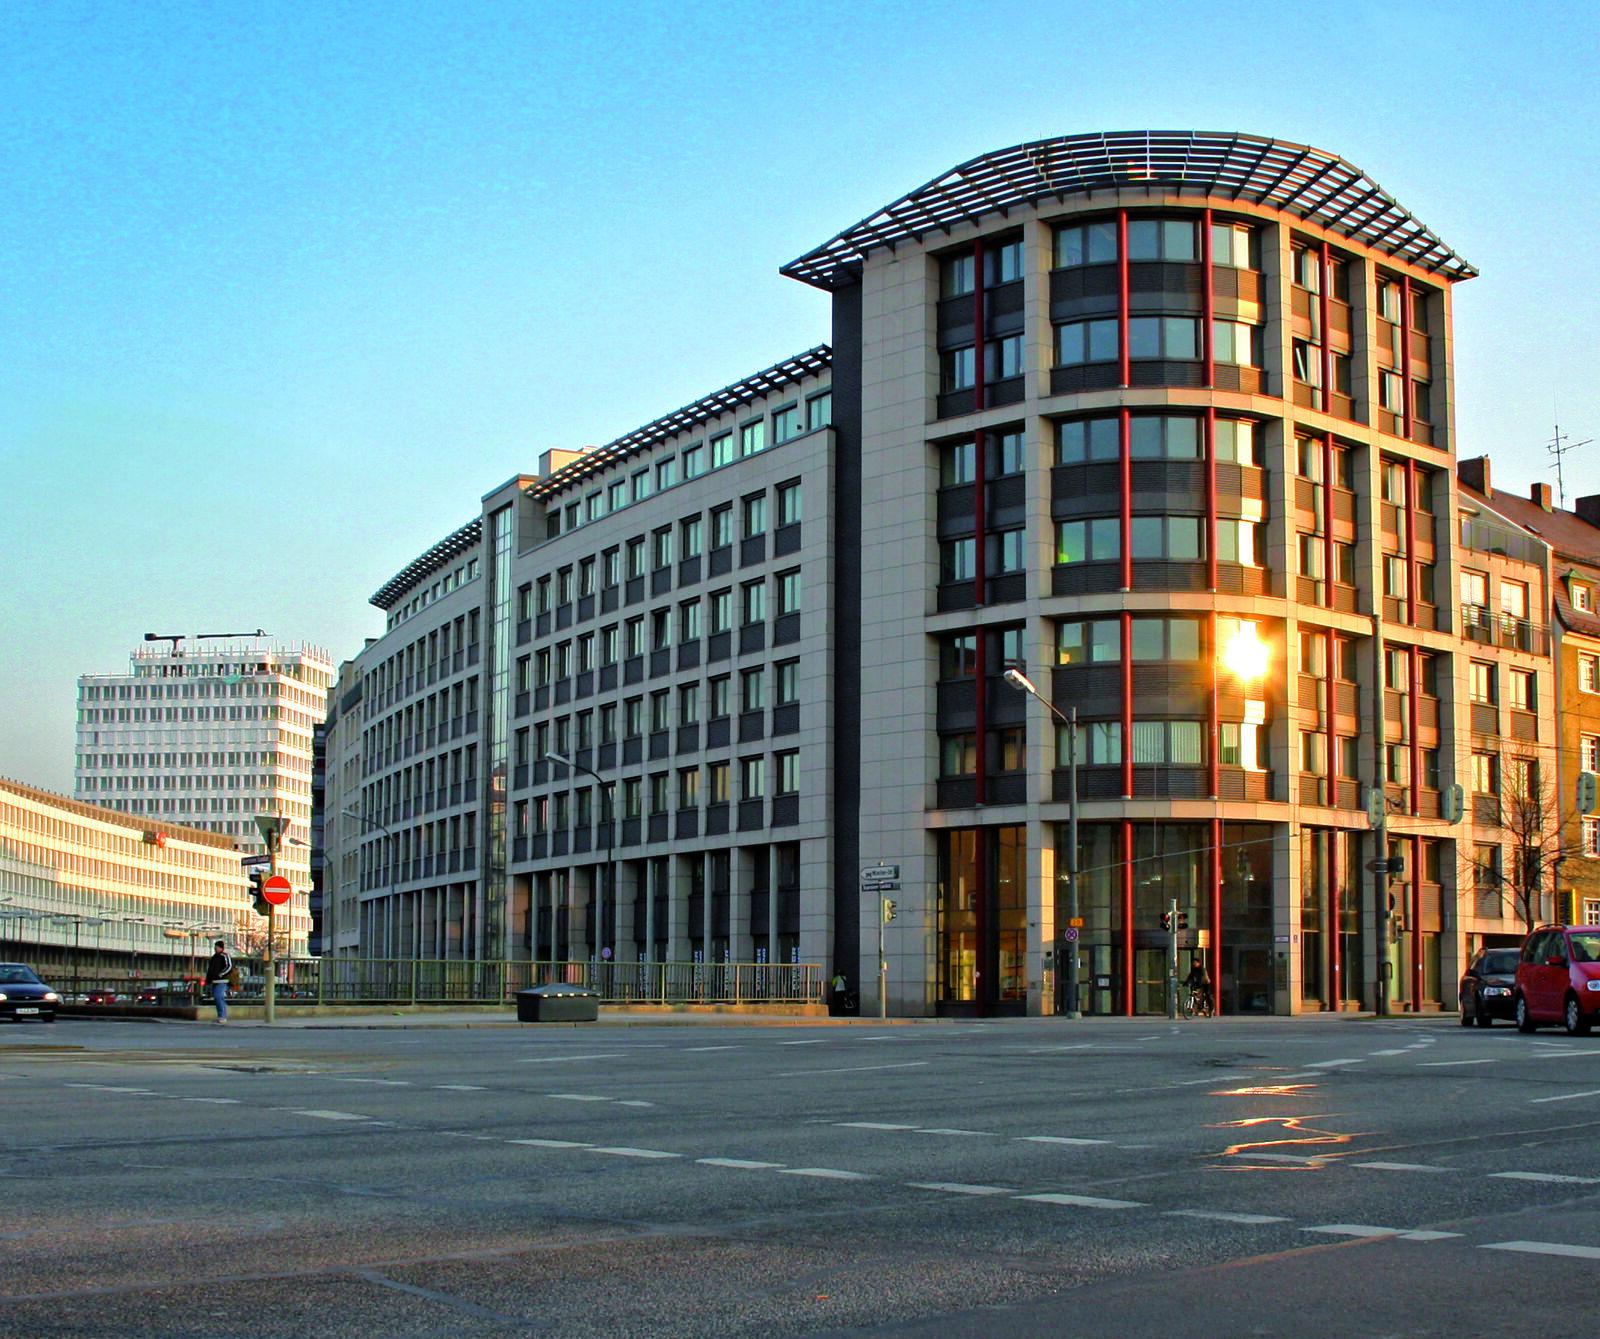 System Engineer - Microsoft m|w|d - Job München, Home office - byterunner | Stelleangebote